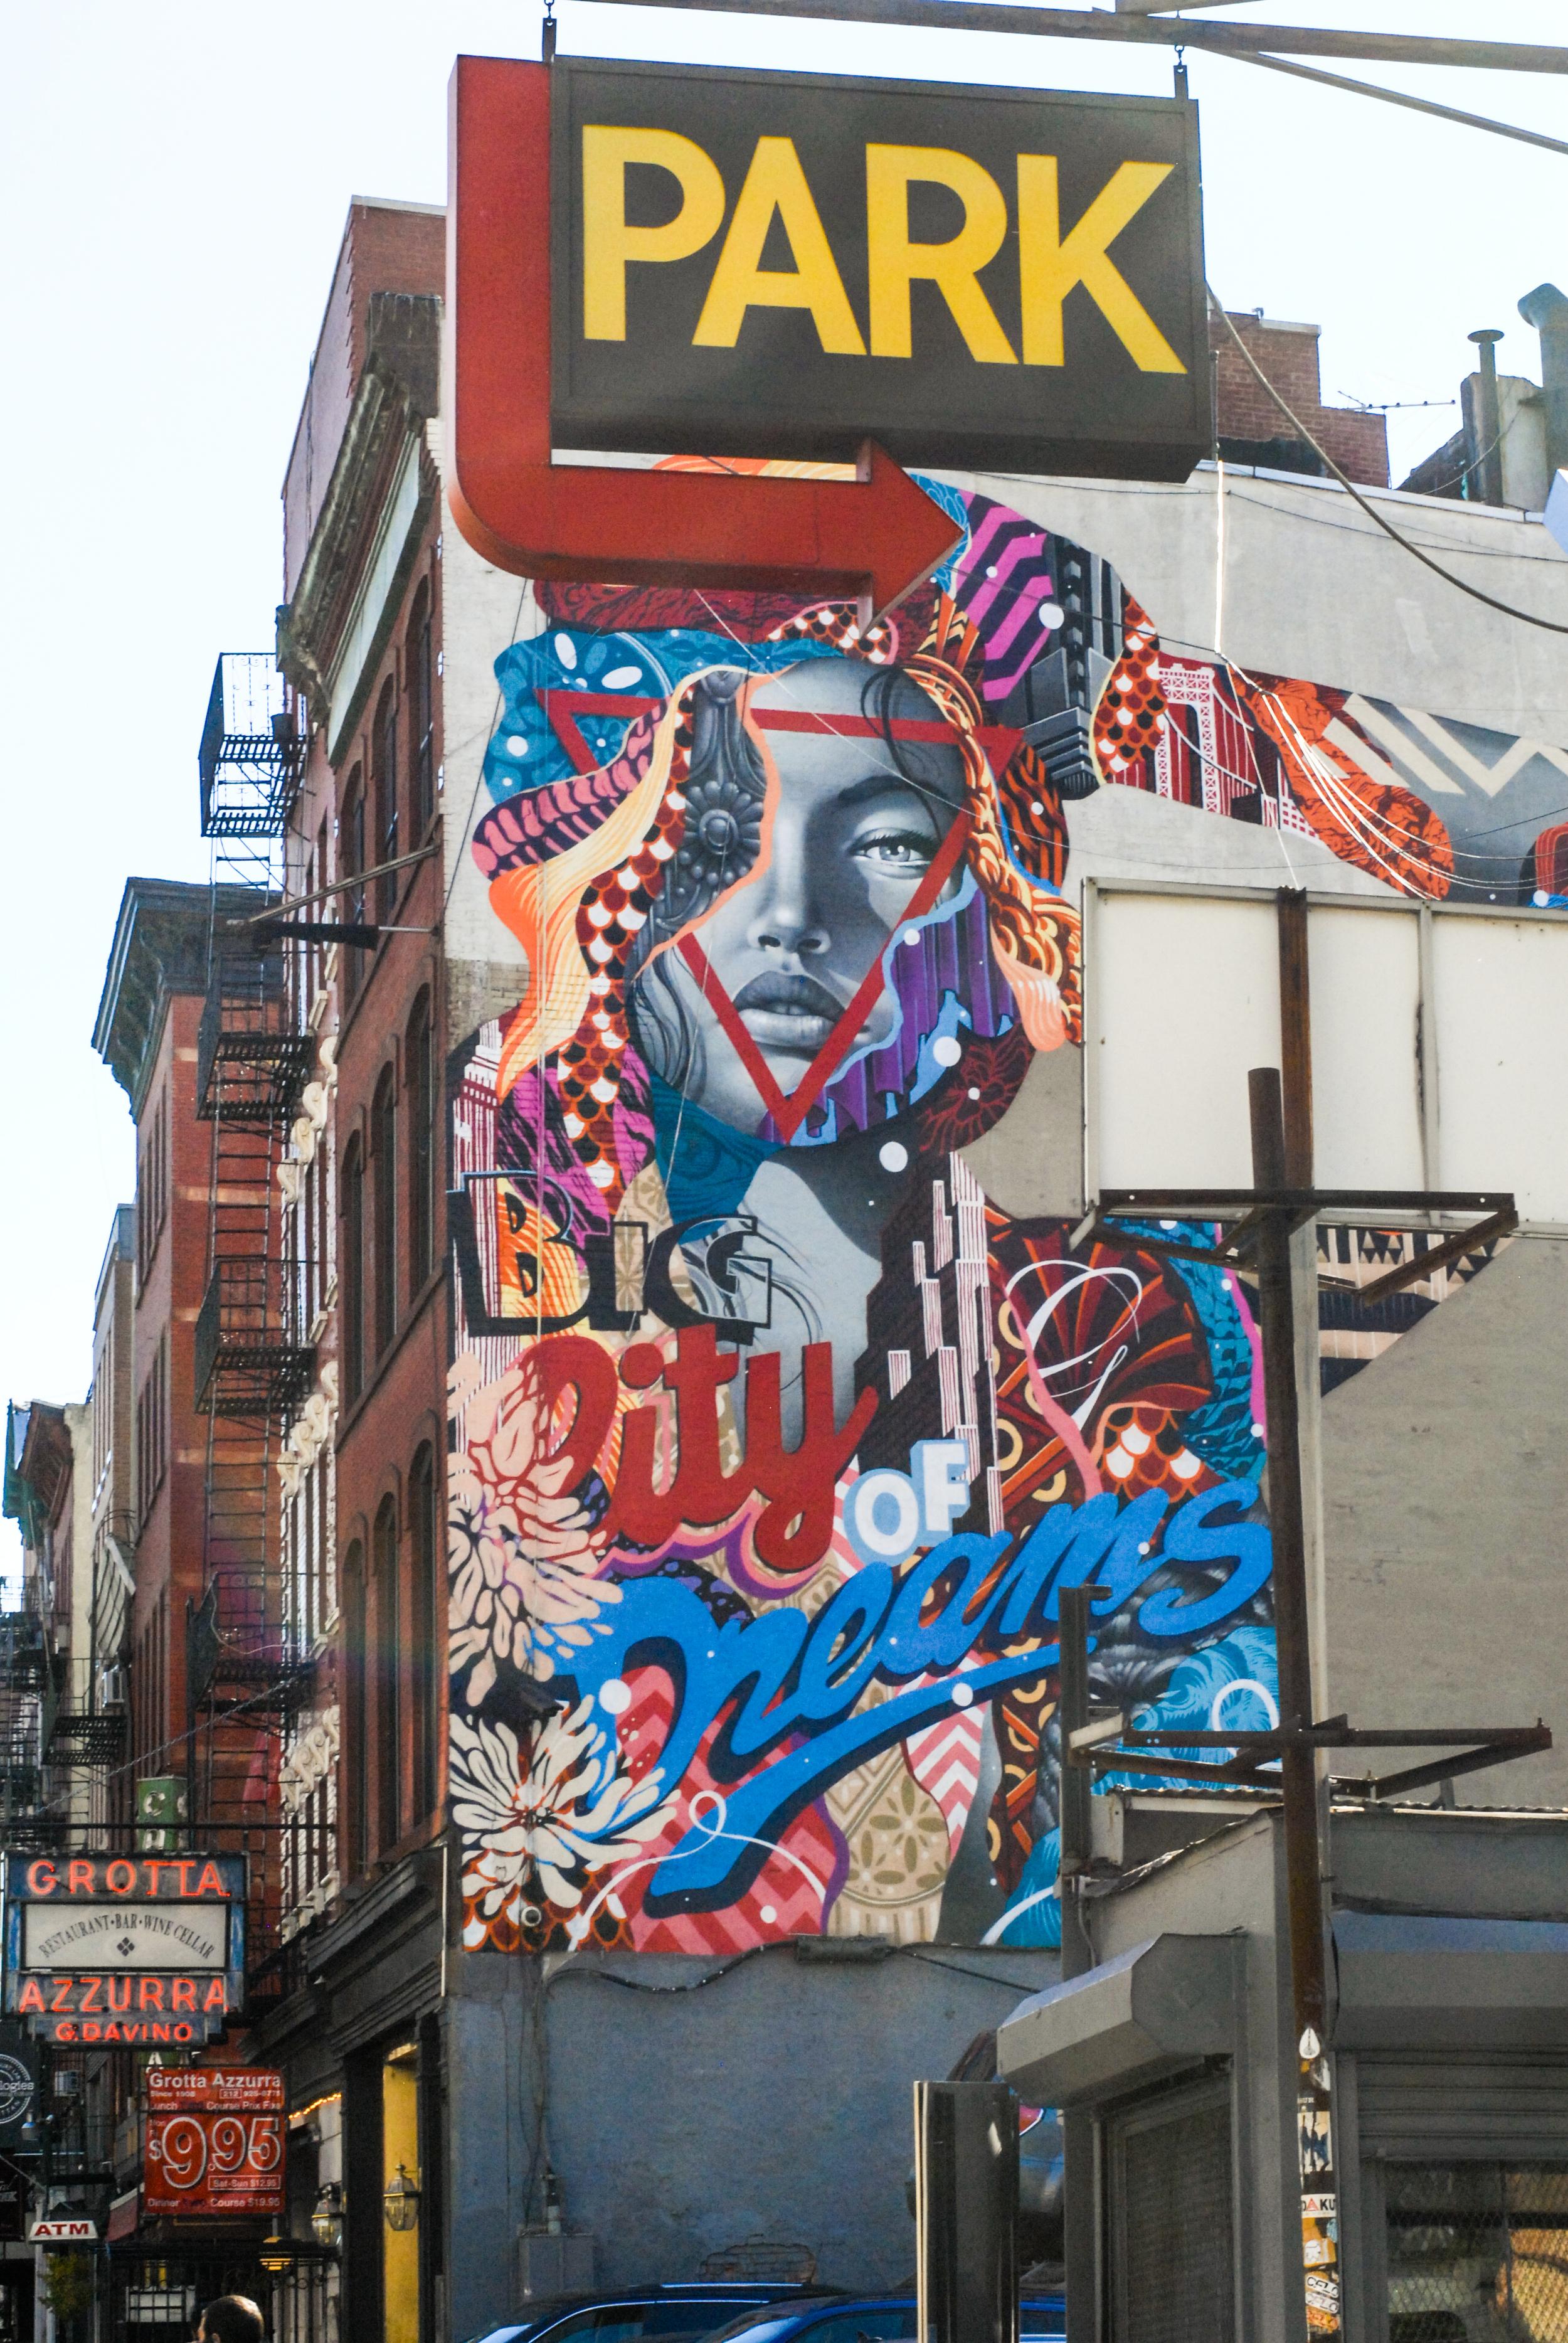 NYC_CityShots-0494.JPG